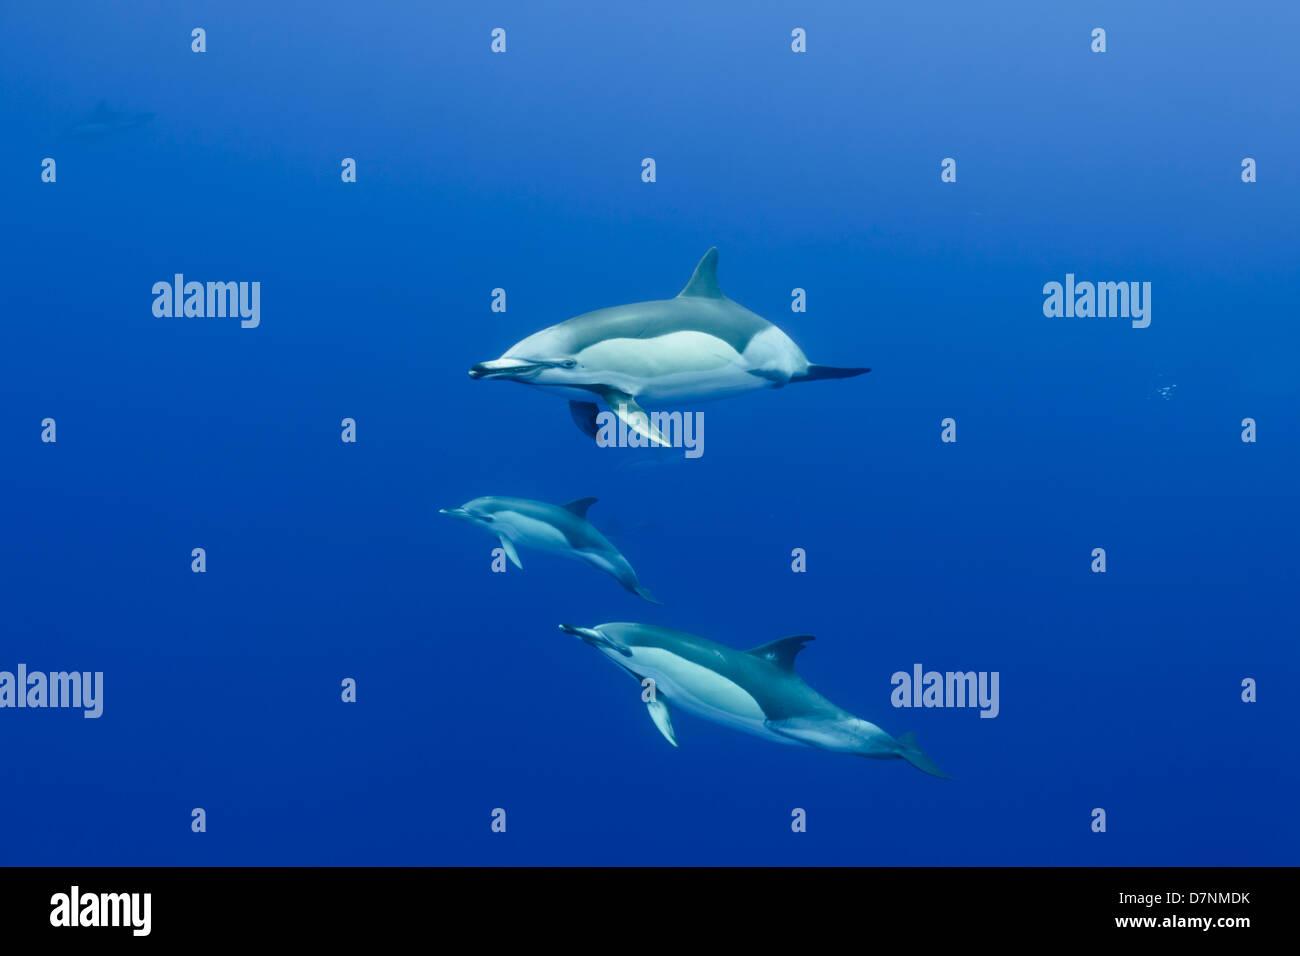 Common dolphins ( Delphinus delphis ) - Stock Image